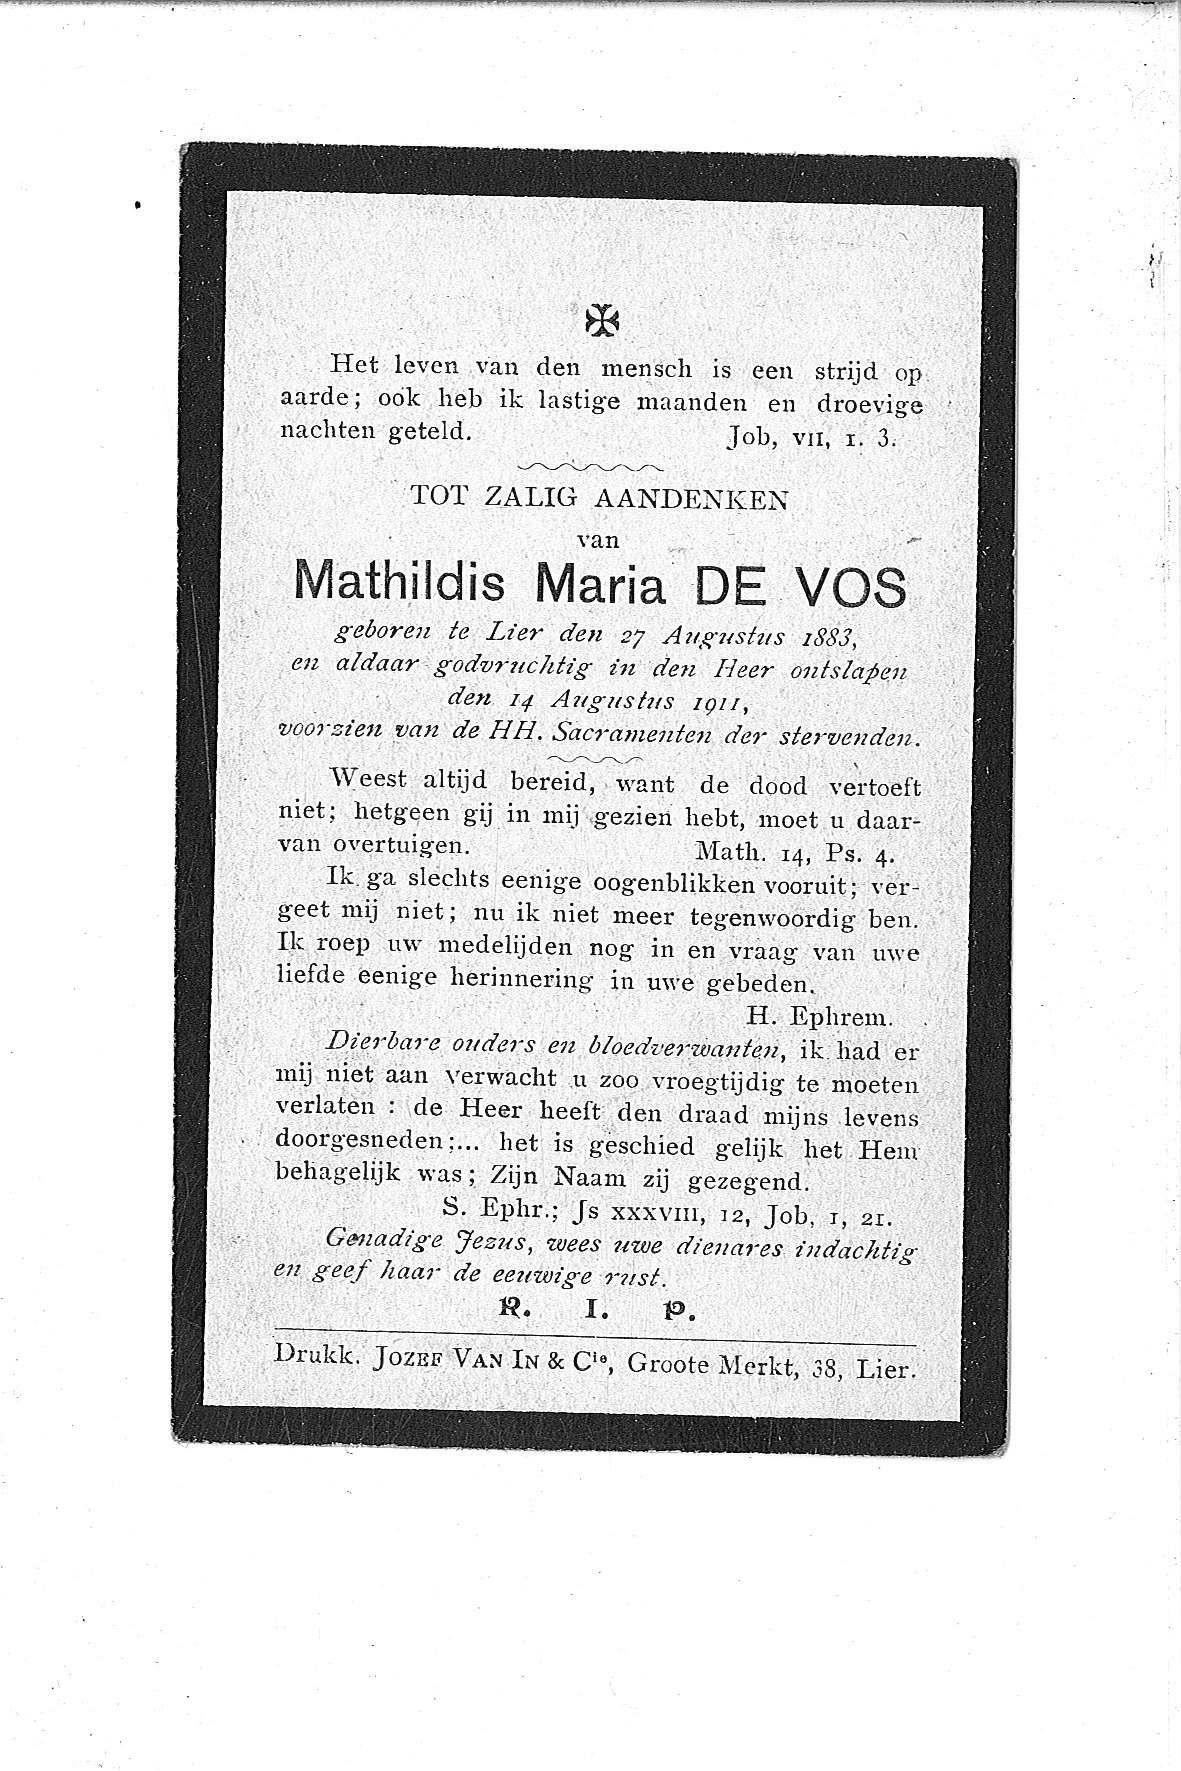 Mathildis Maria (1911) 20120306142406_00216.jpg